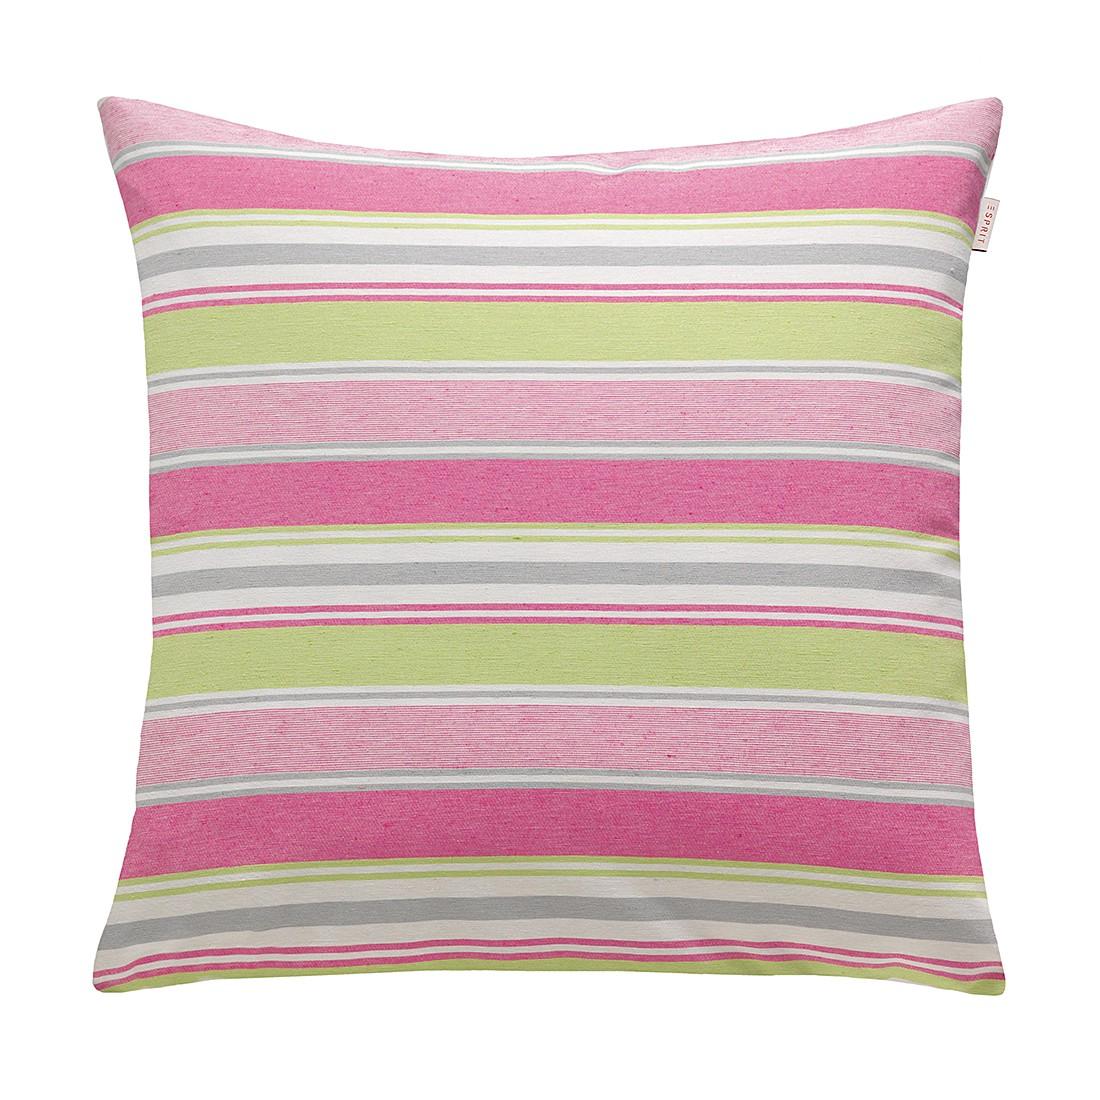 Kissenhülle Coloured – Pink/Lime, Esprit Home günstig